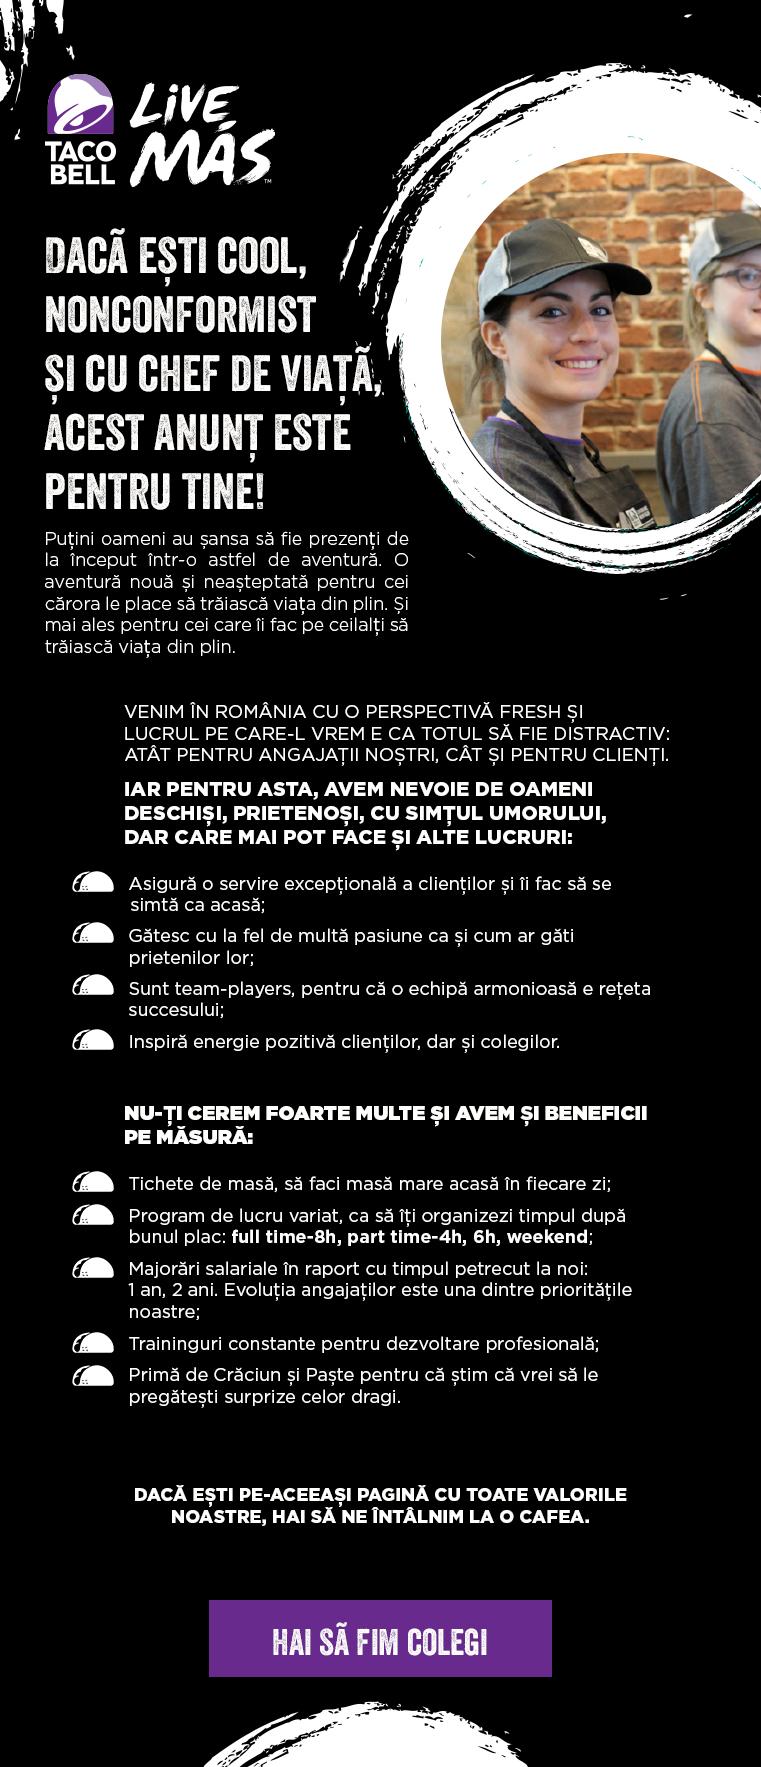 Personal Taco Bell  asigura o servire exceptionala a clientilor si ii fac sa se simta ca acasa gatesc cu la fel de multa pasiune ca si cum ar gati prietenilor lor sunt un team-players pentru ca o echipa armonioasa e reteta succesului inspira energiepozitiva clientilor dar si colegilor tichete de masa program de lucru variat full time sau part time majorari salariale in raport cu timpul petrecut la noi training uri constante pentru dezvoltarea profesionala prime de Paste si Craciun Taco Bell